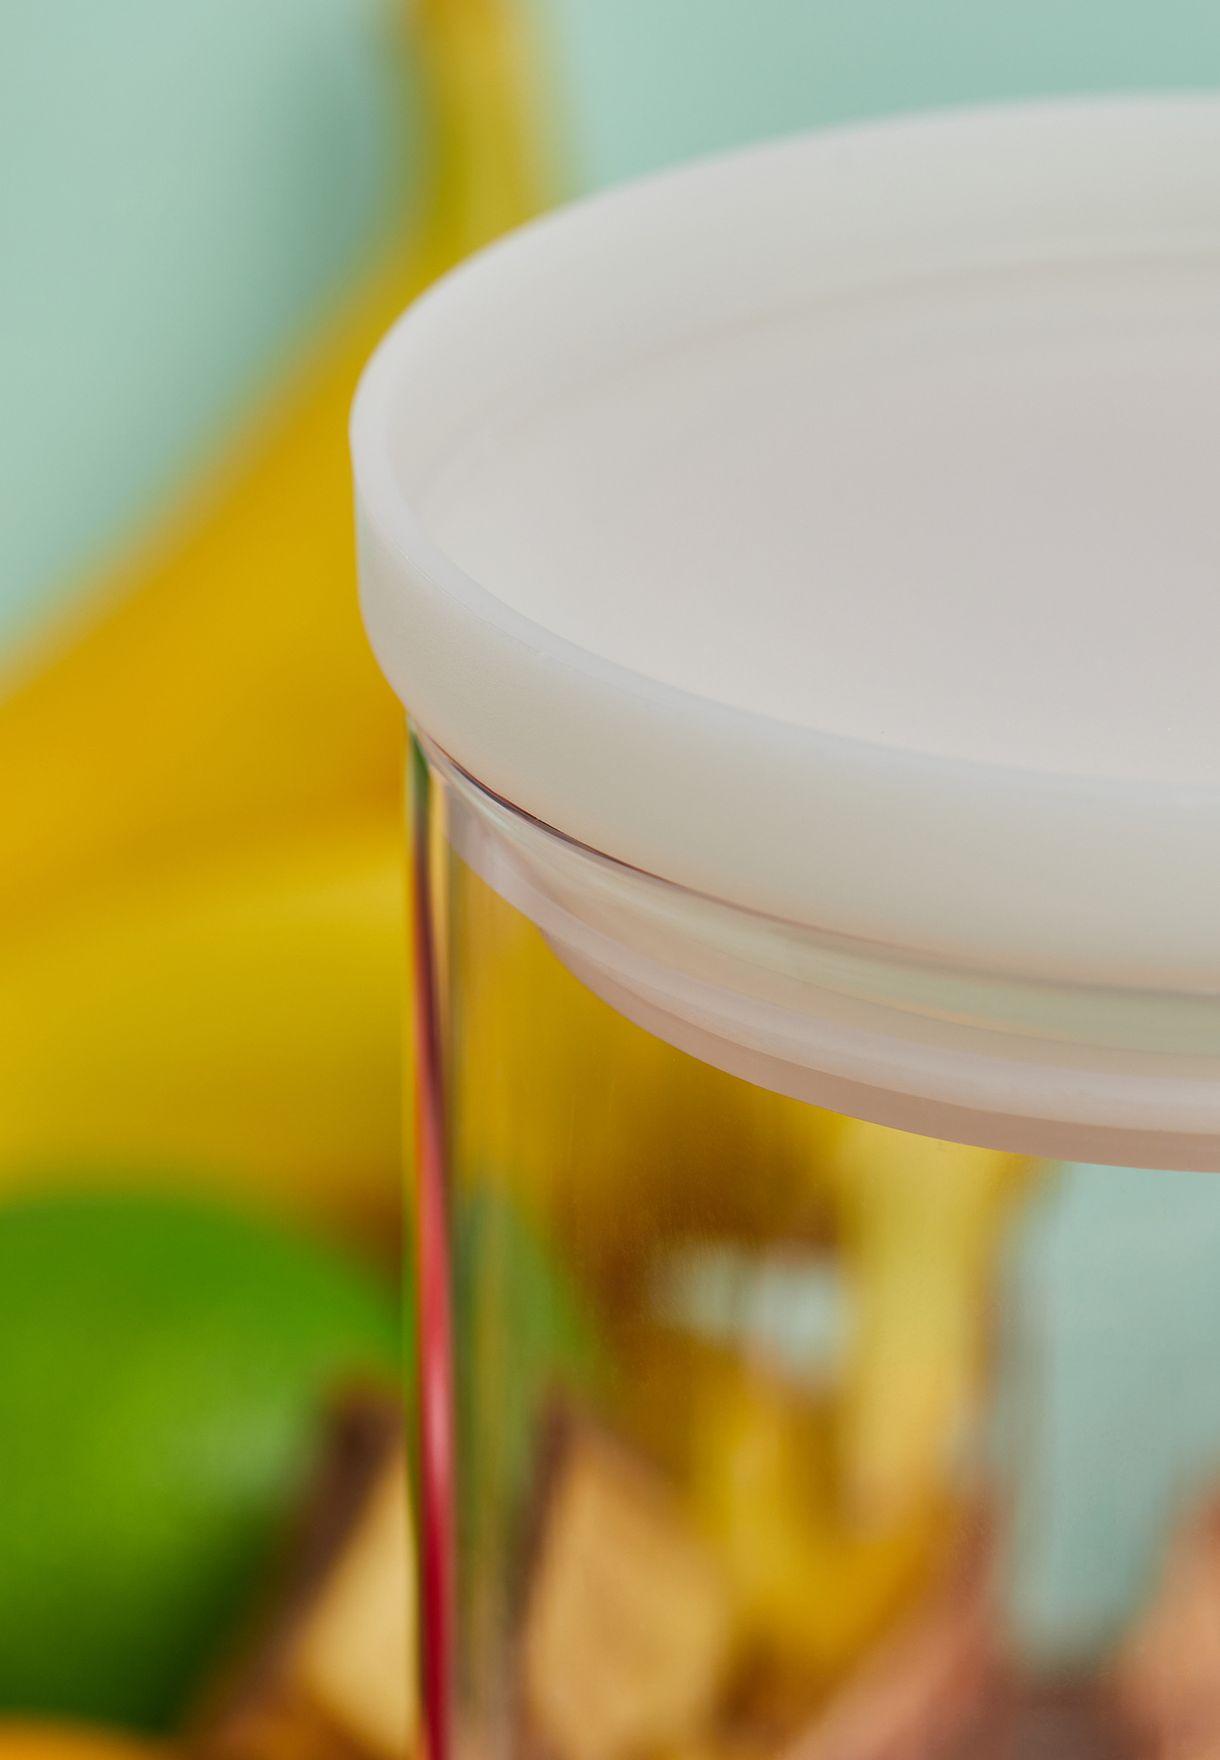 Heat Proof Glass Round Storage Case